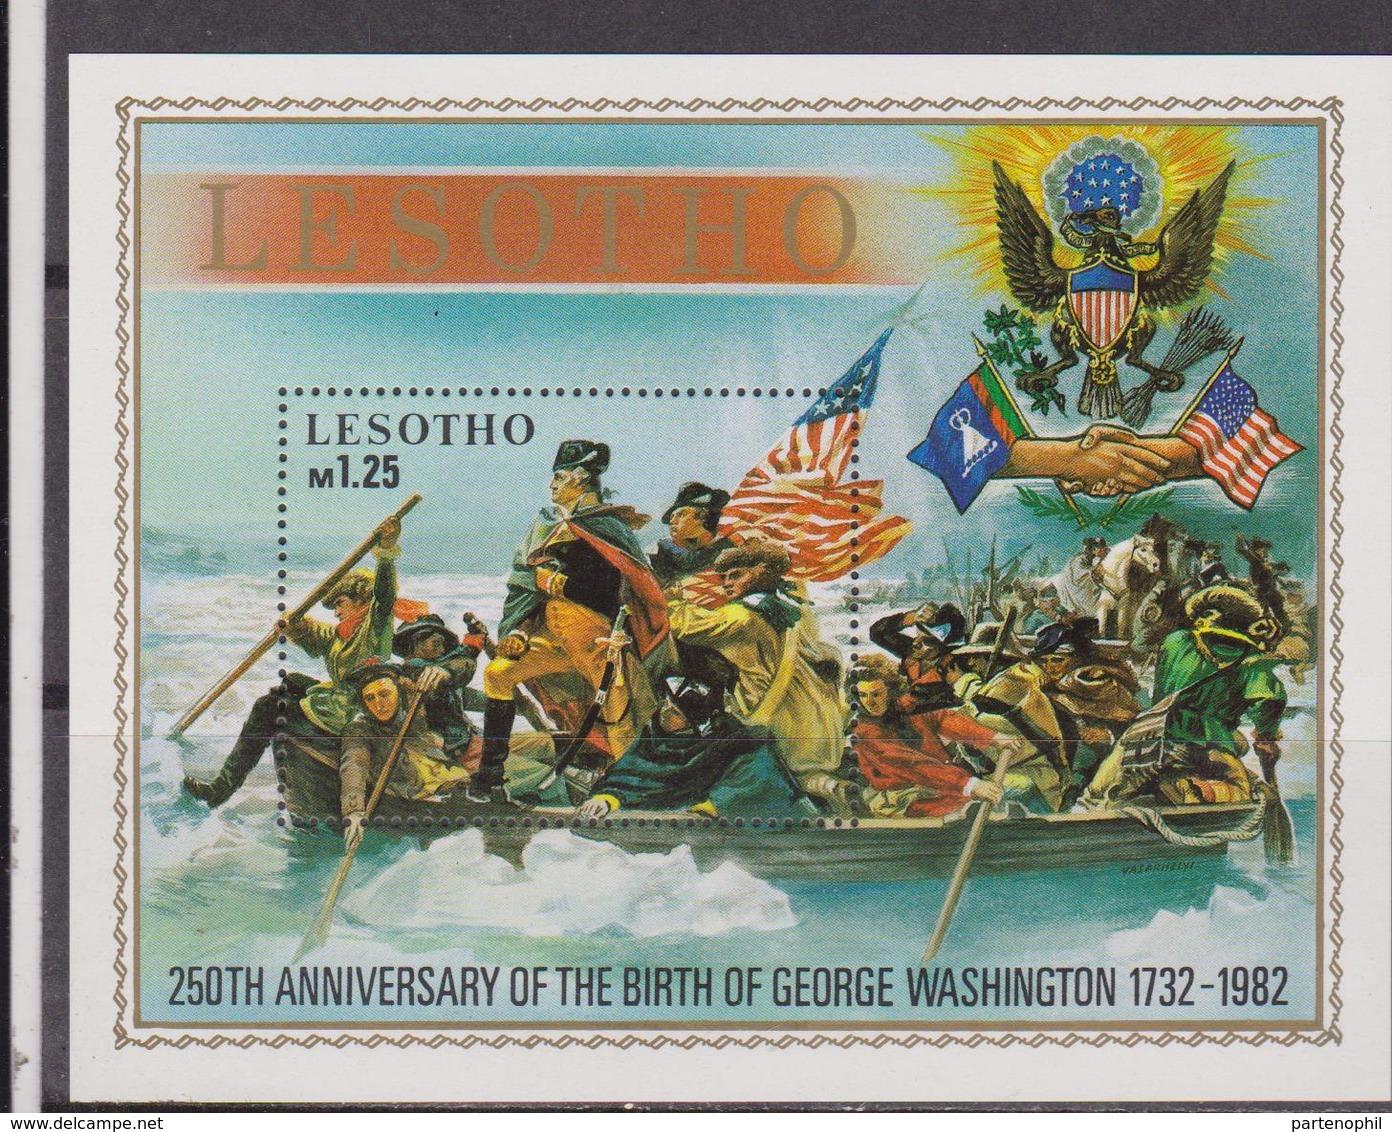 Lesotho 1982 George Washington Set MNH - George Washington